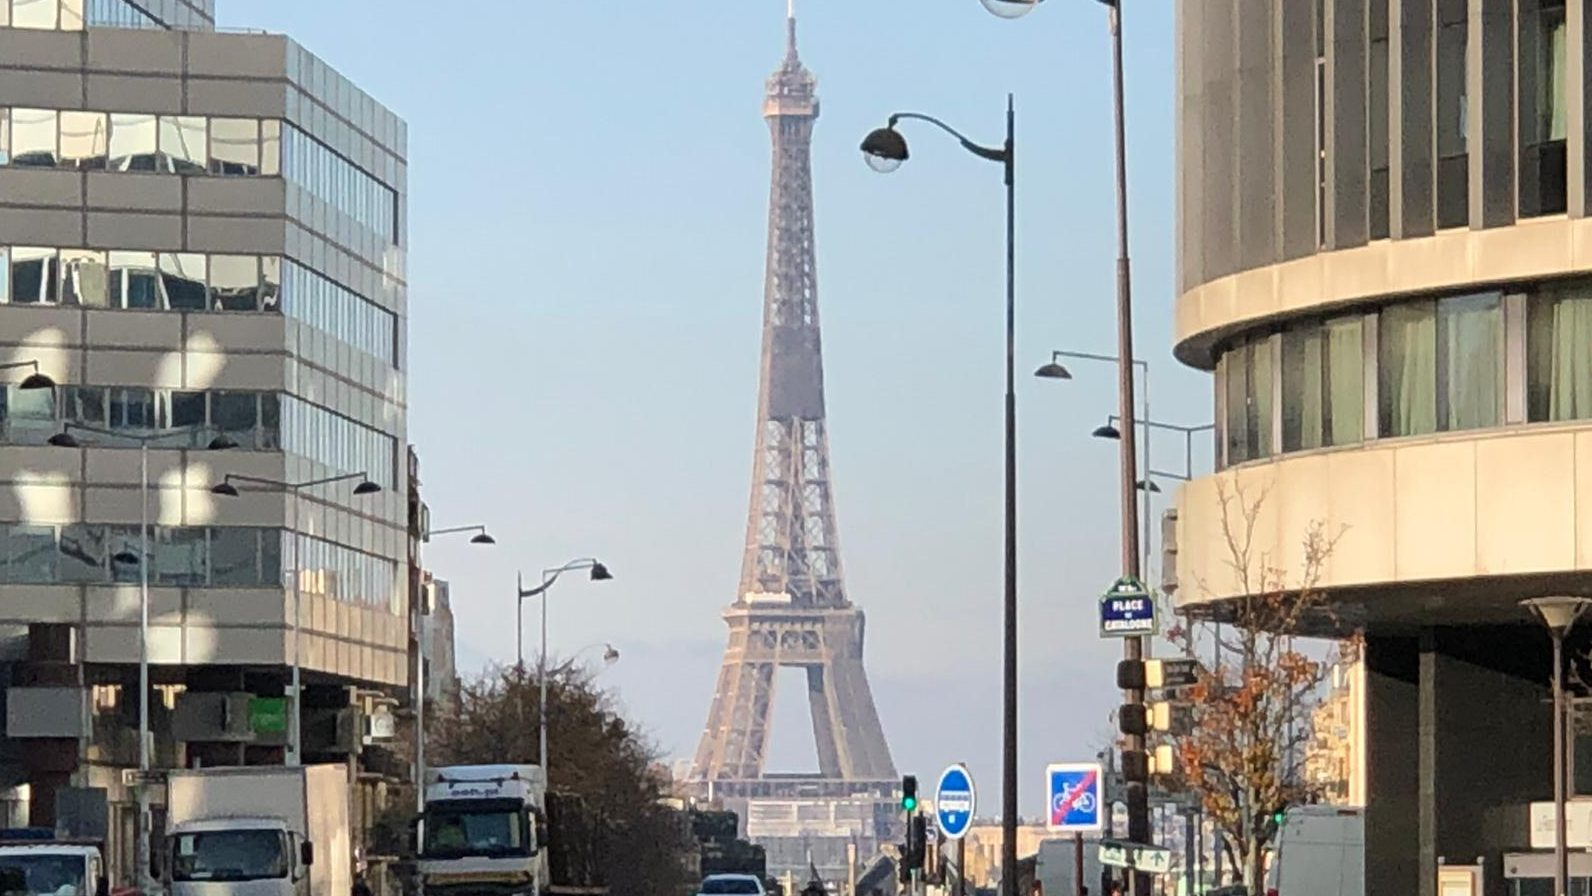 למעלה מ-19 אלף בני אדם נדבקו ביממה האחרונה בקורונה בצרפת